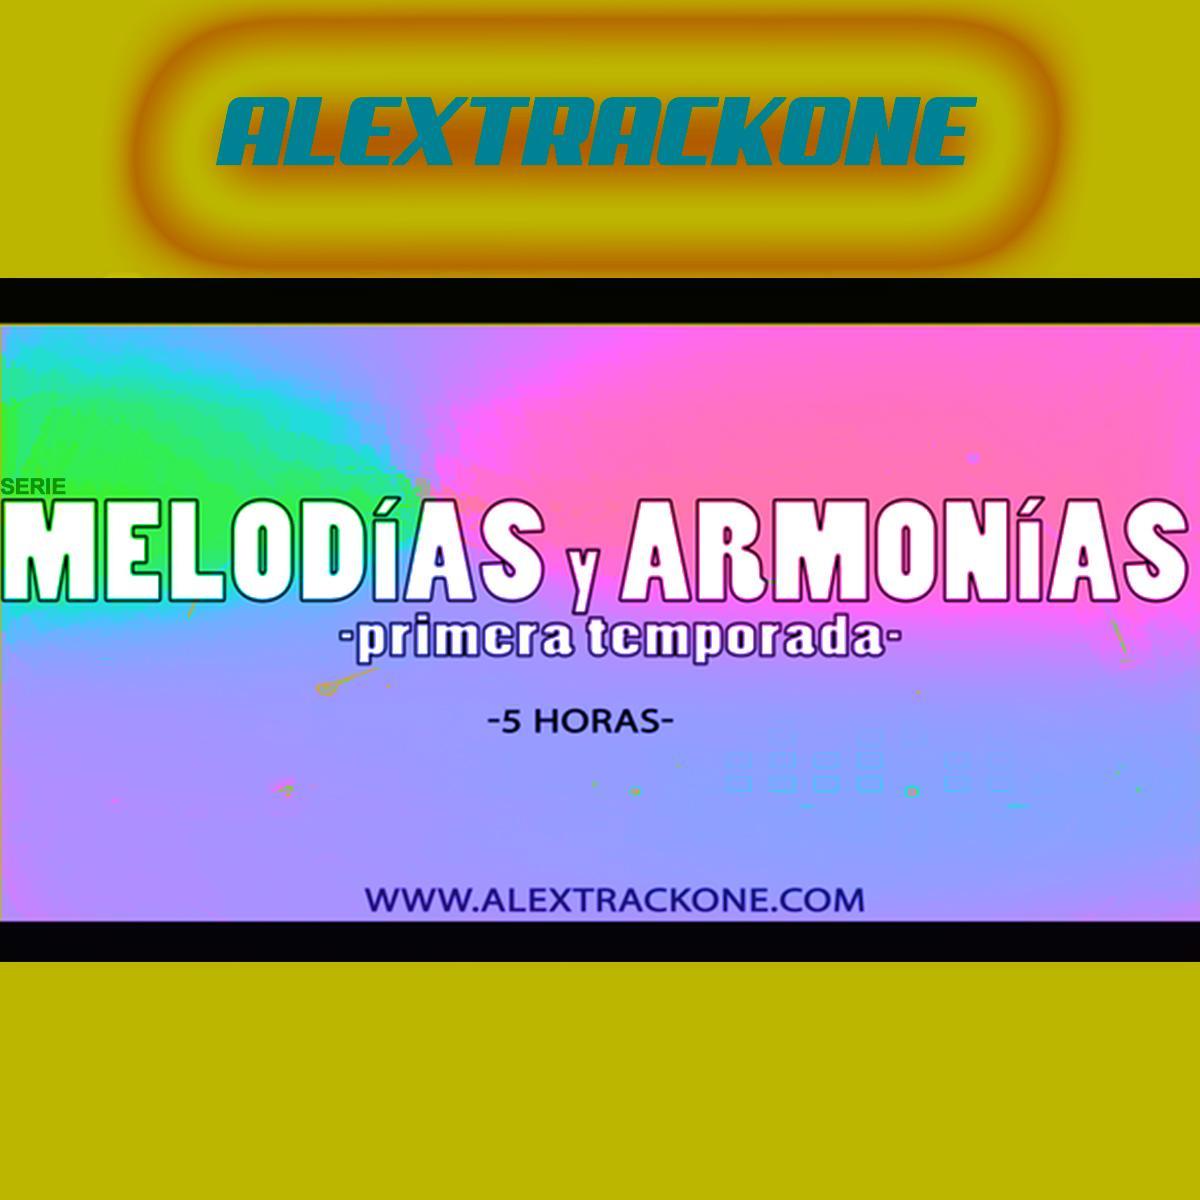 (-5 HORAS Videos MP4-) Melodias y Armonias Primera Temporada